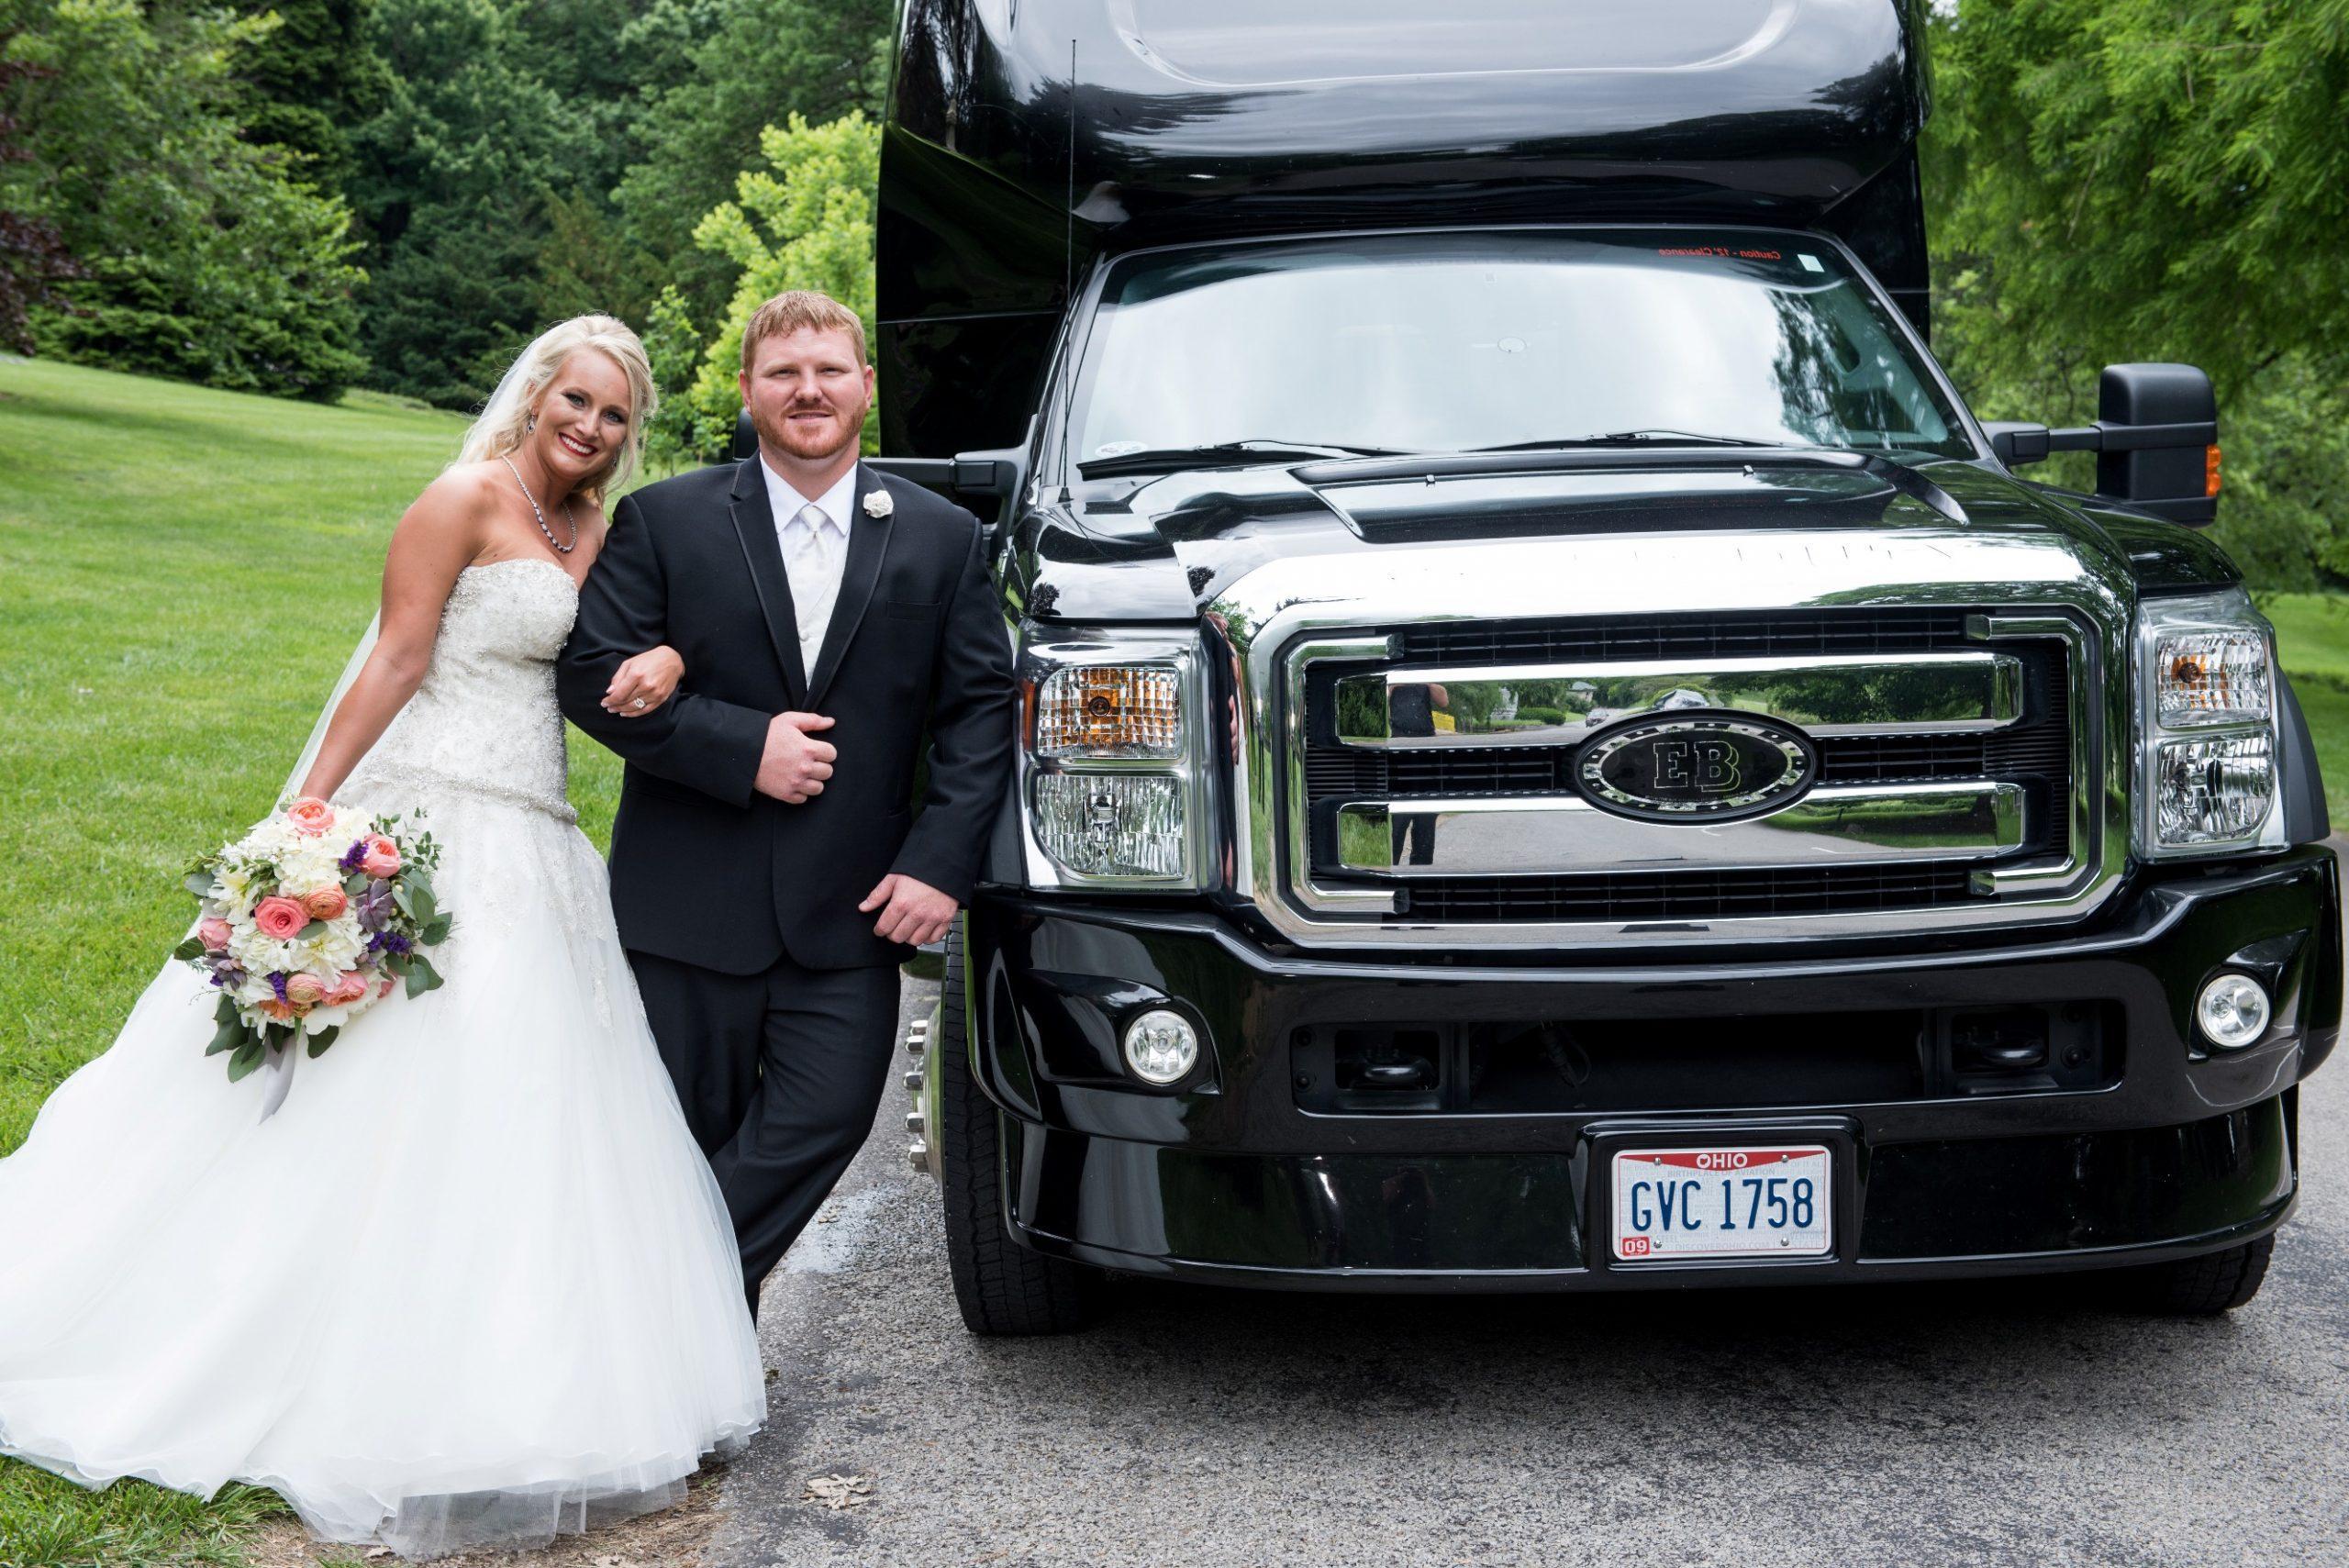 Wedding Motortoys Limo Party Bus Cincinnati